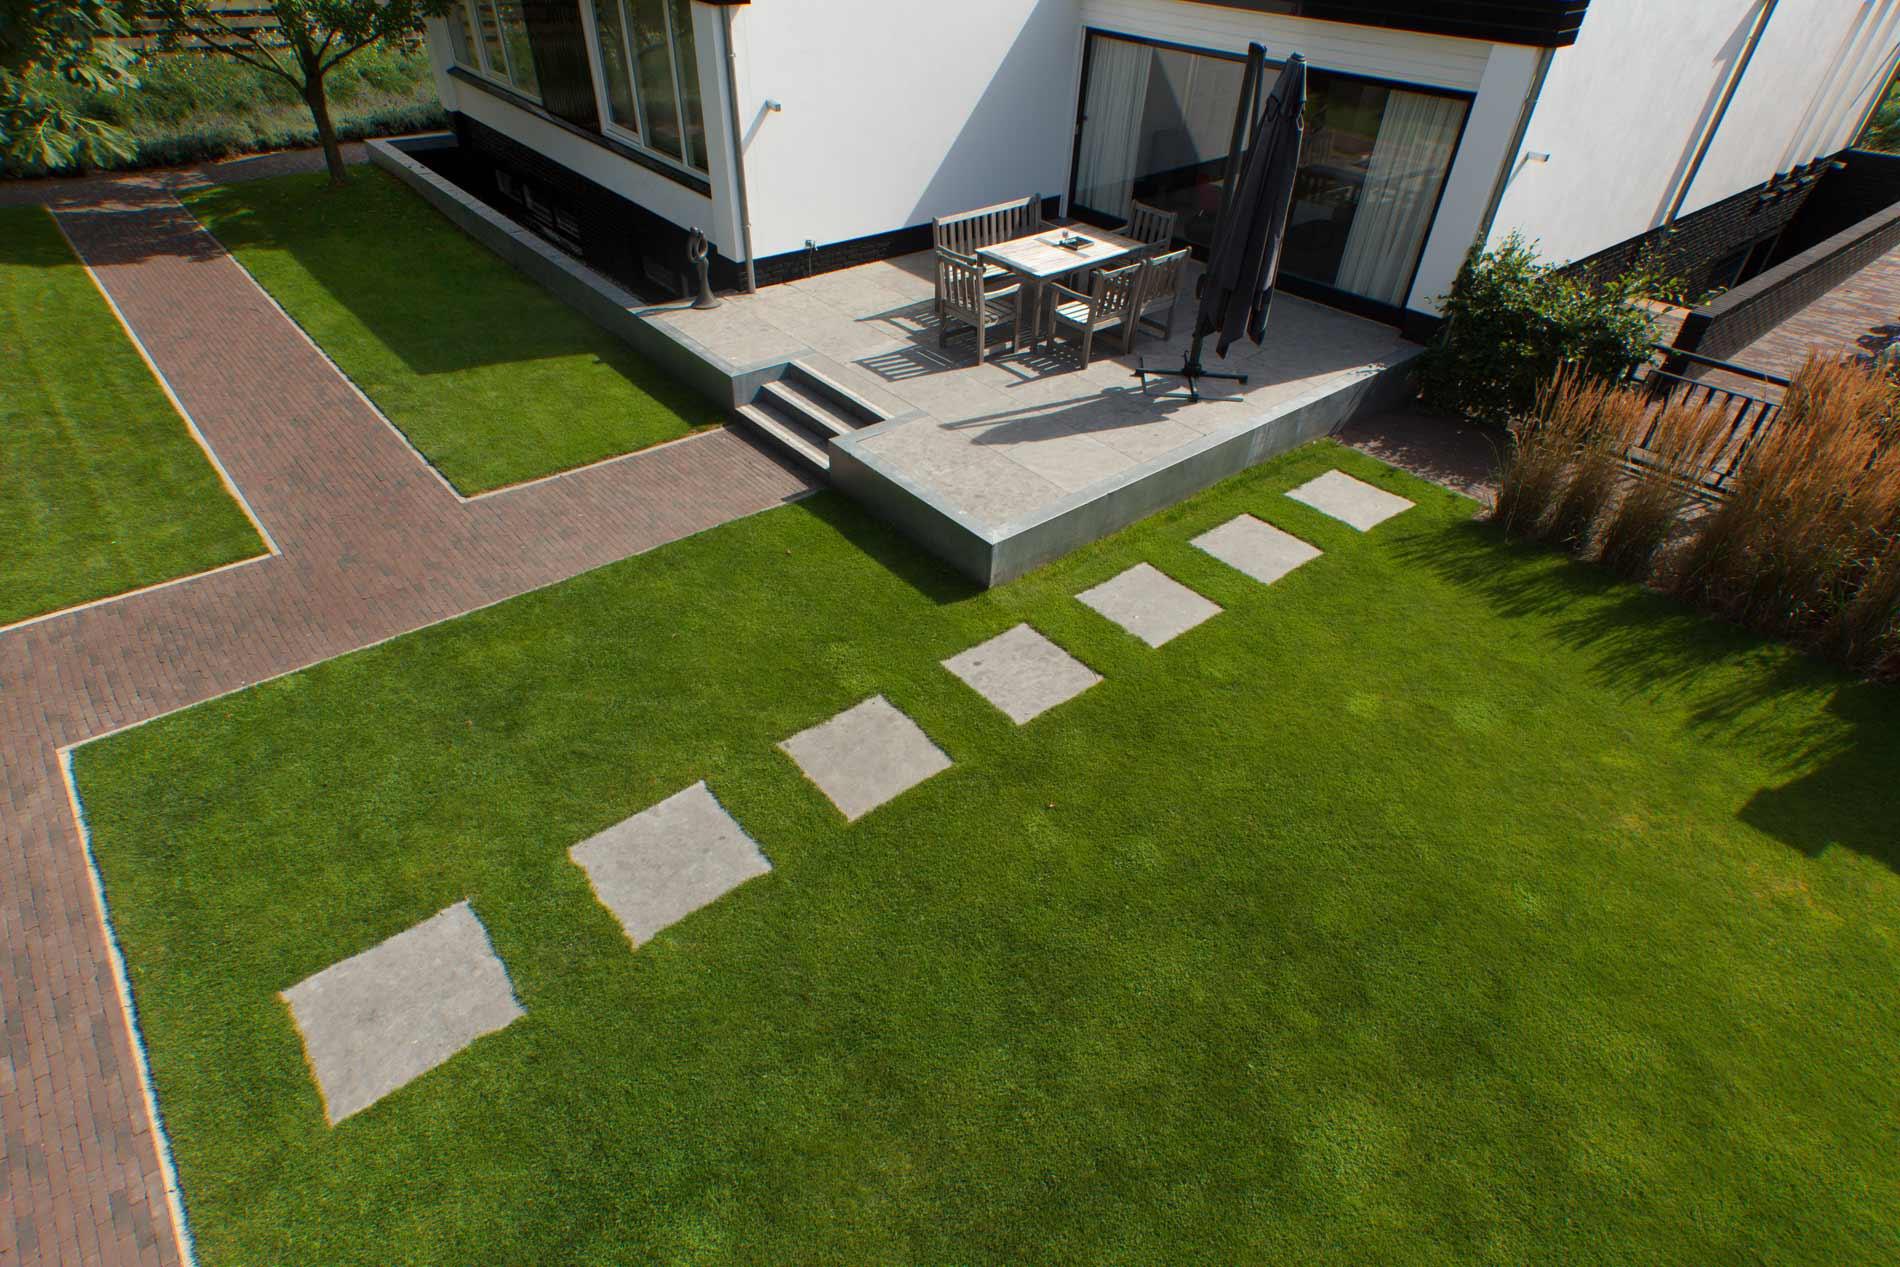 Strakke tuinen heart for gardens for Strakke kleine tuin